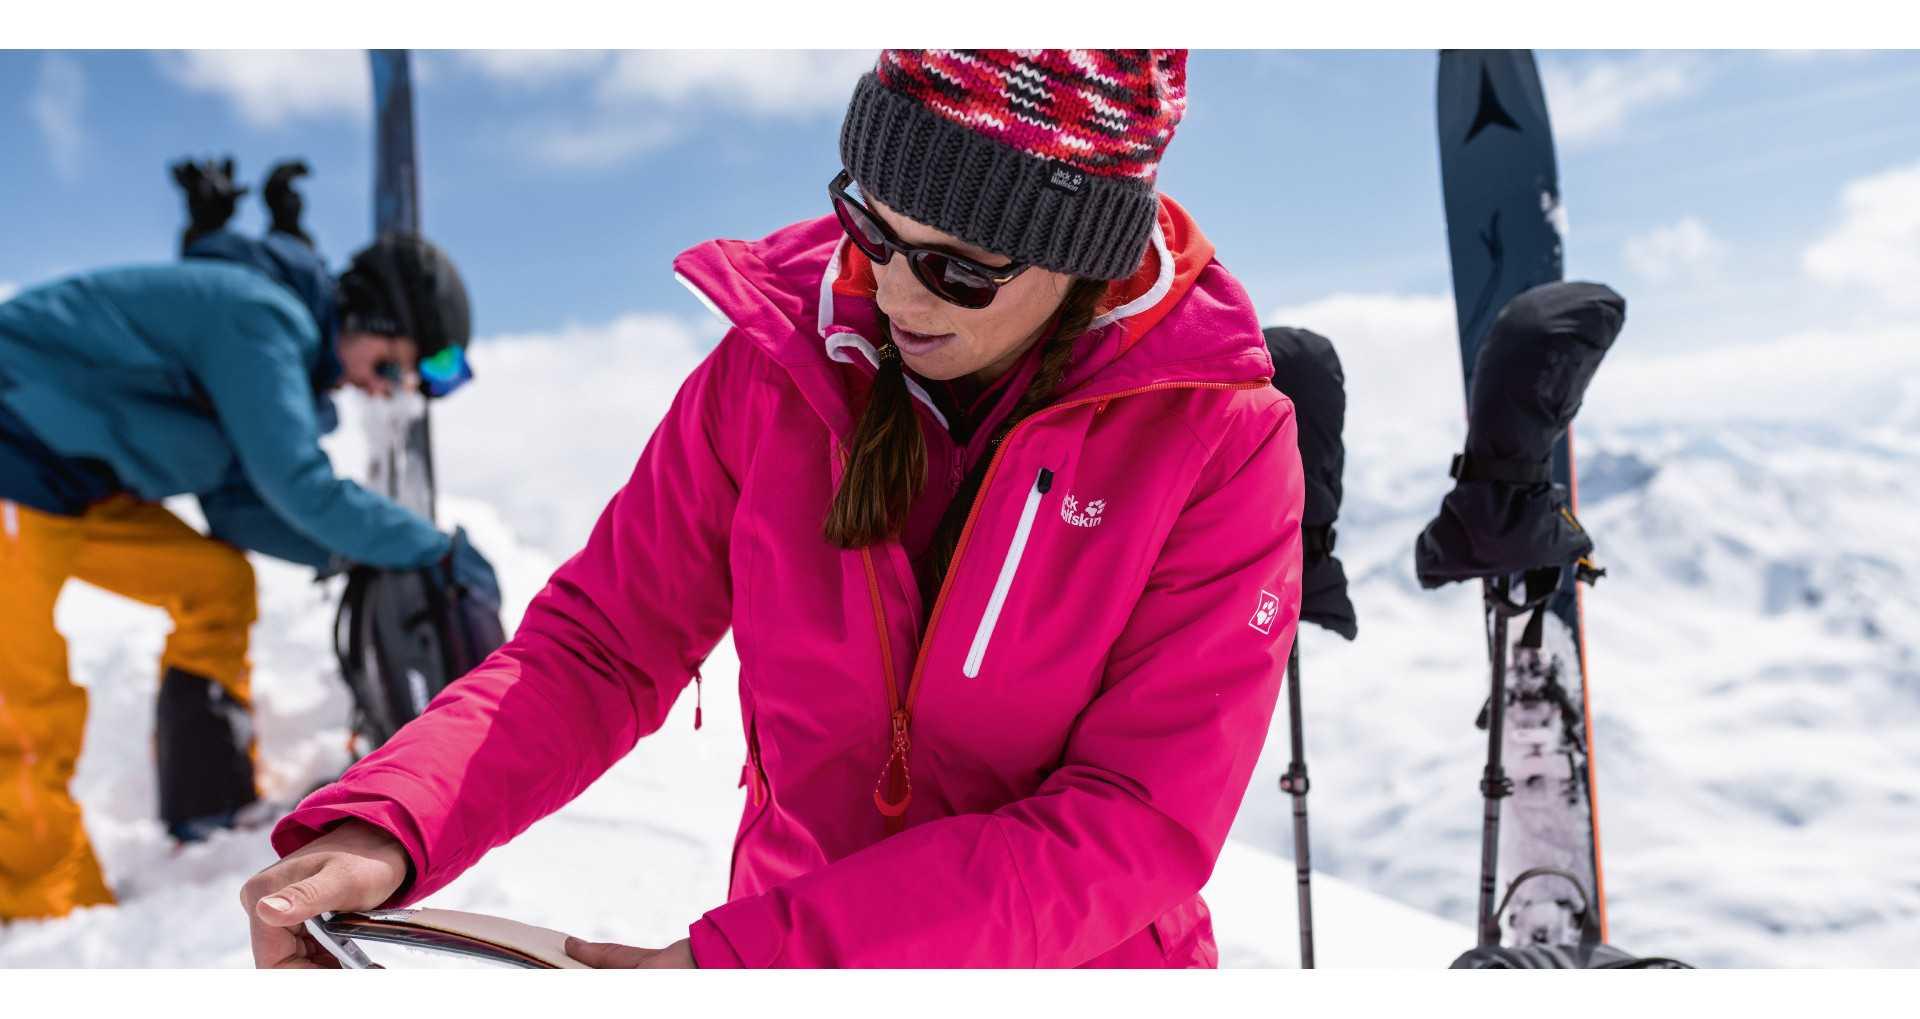 Moteriškos slidinėjimo striukės | ROVANA.LT